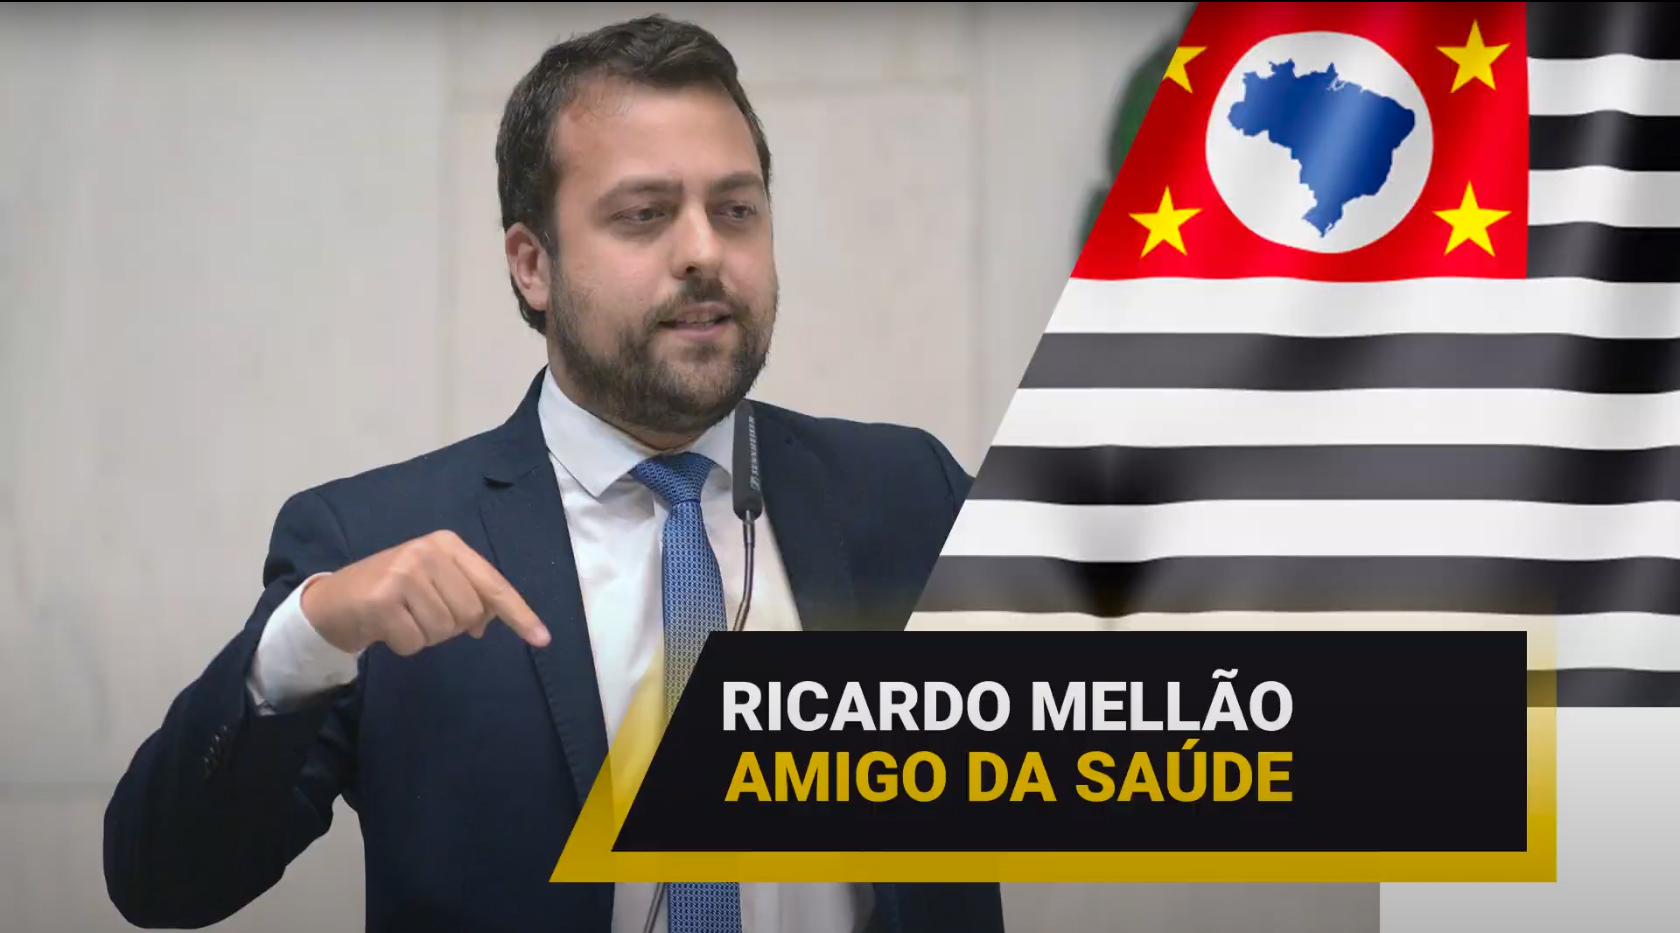 visita-ao-deputado-estadual-ricardo-melao - Acao Comunicativa